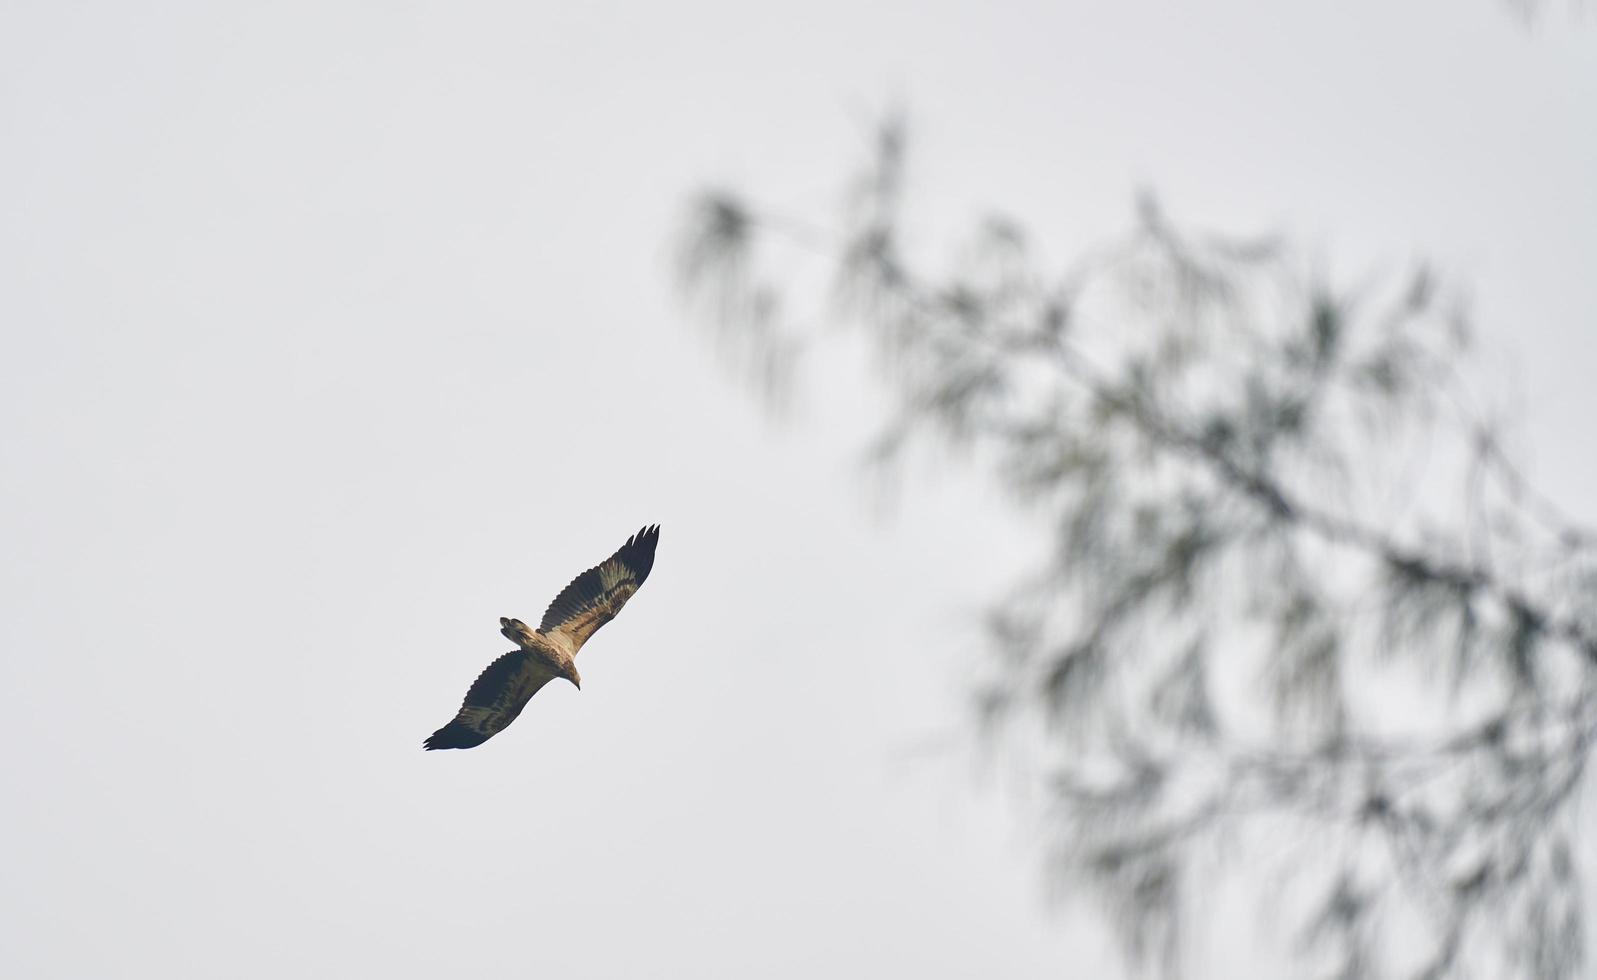 faucon volant sous un ciel gris photo